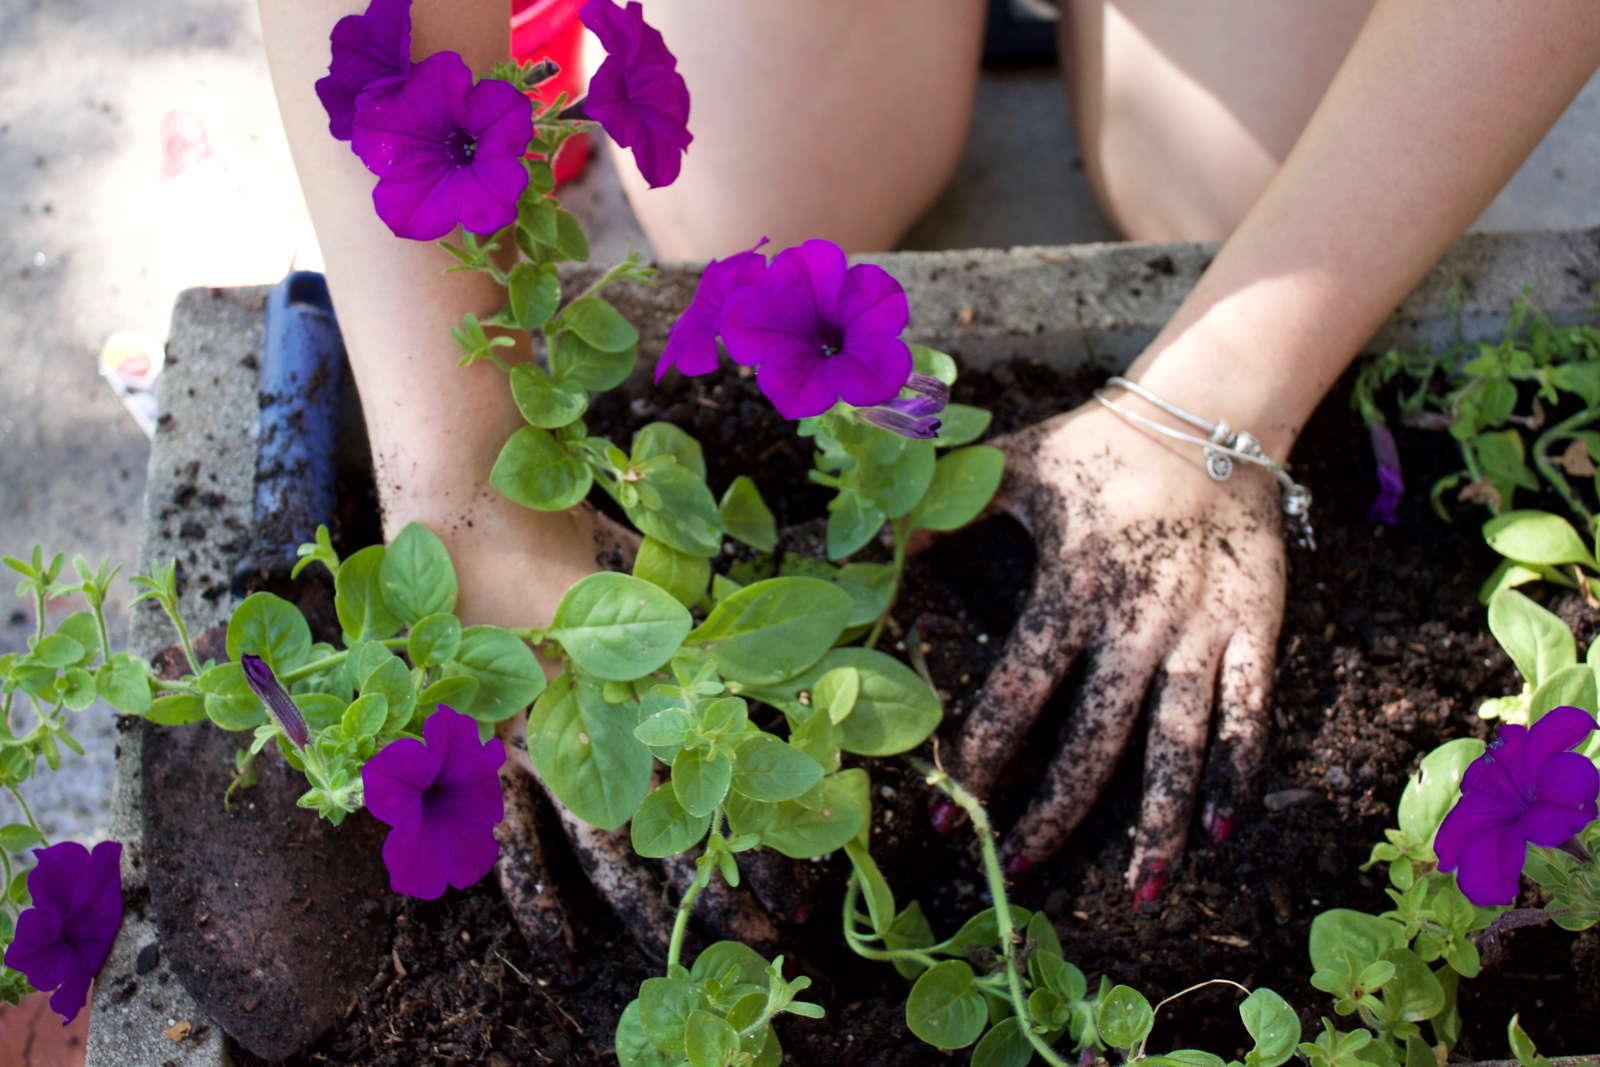 Beliebt Bevorzugt Petunien anbauen: Hängende und stehende Petunien im Garten - Plantura #RL_17